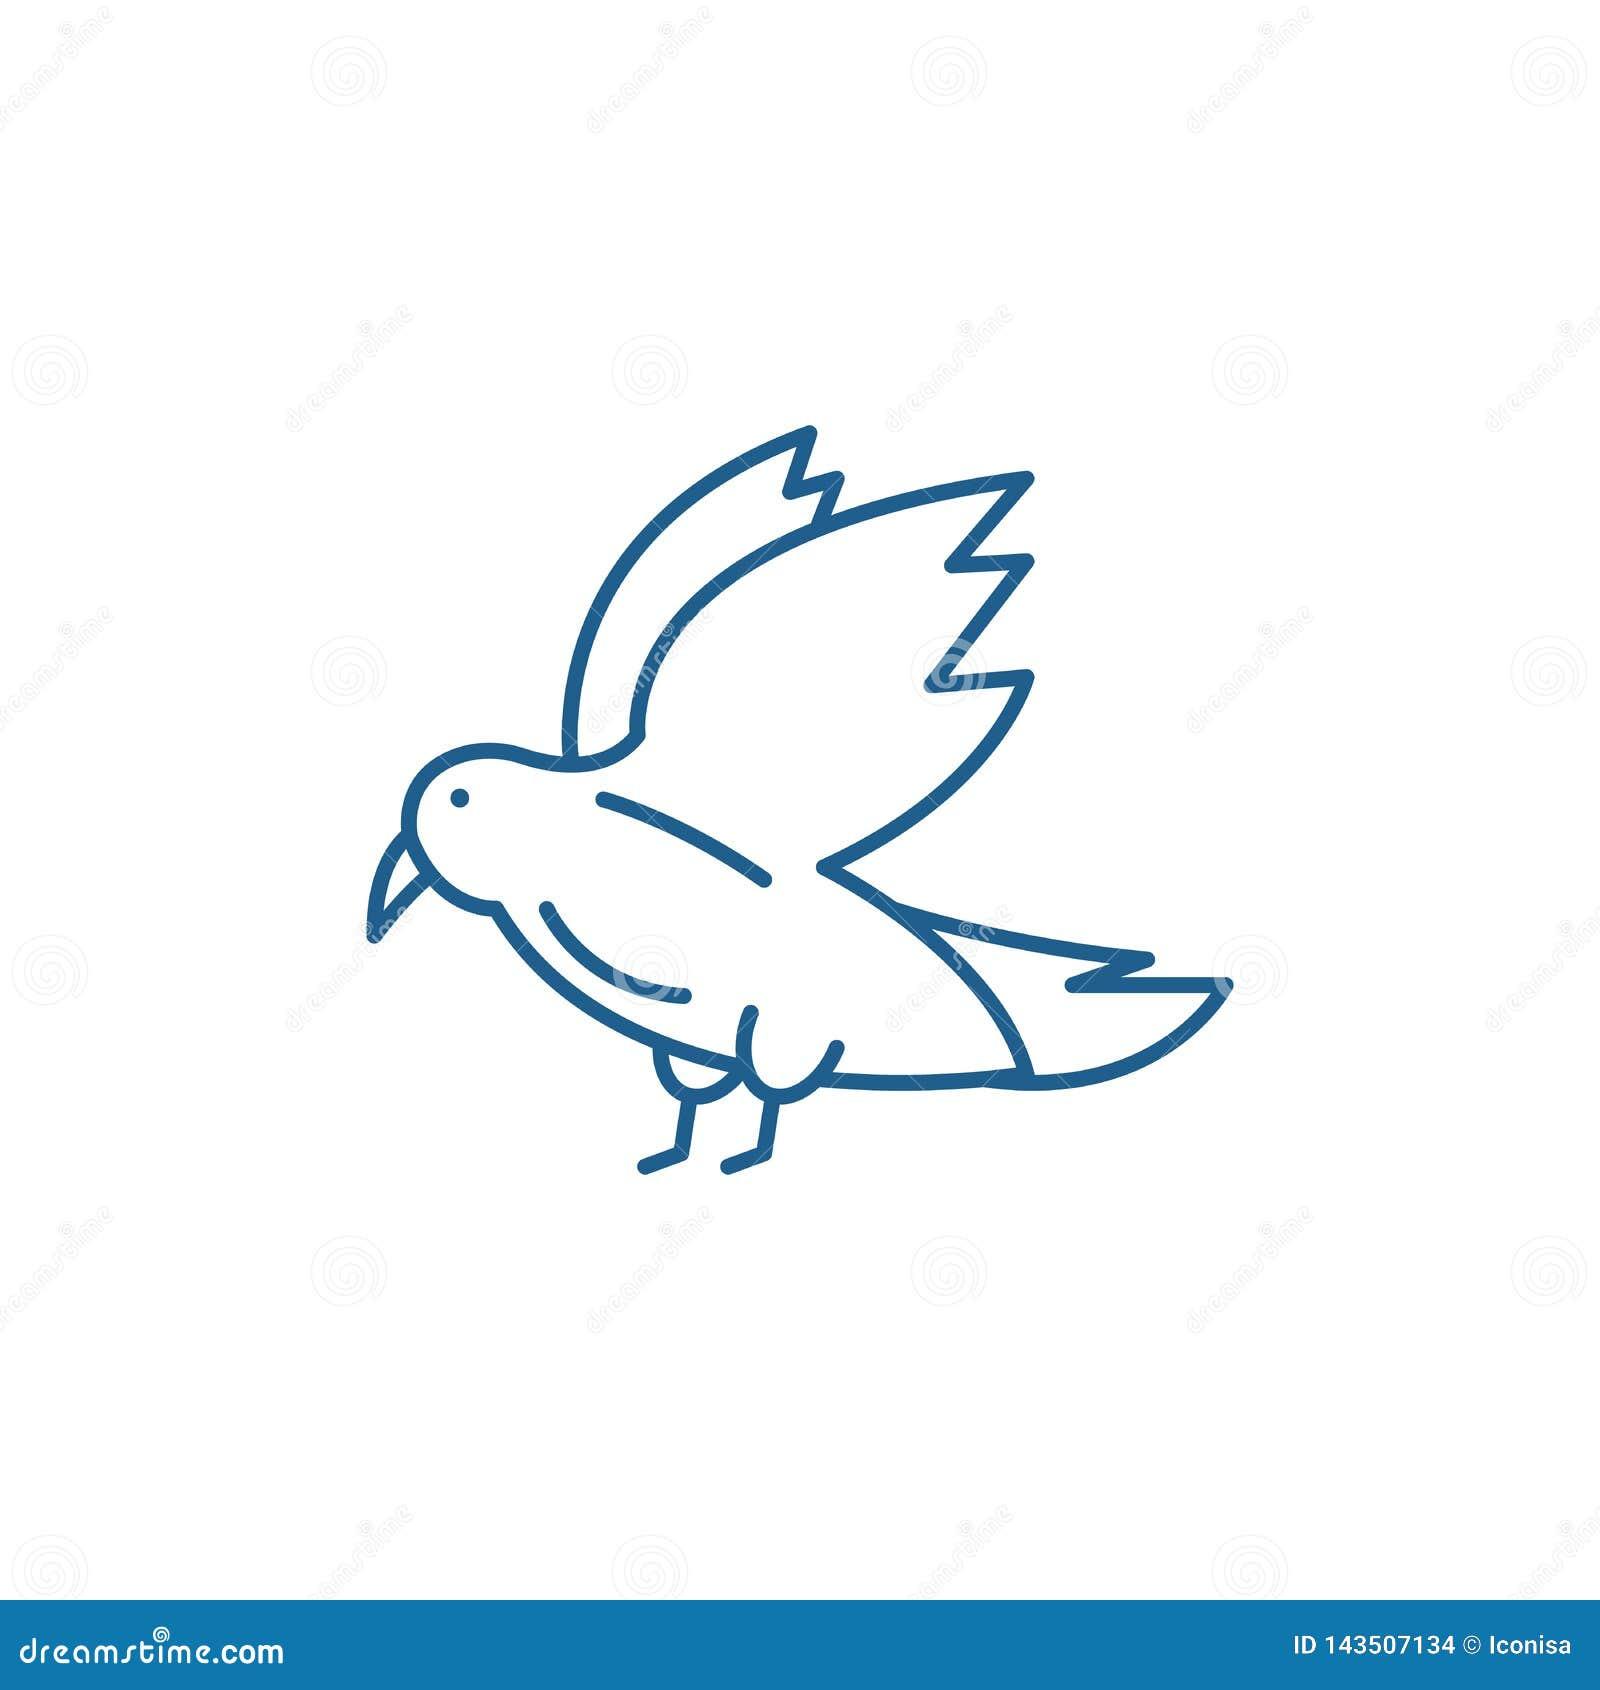 Dove Line Icon Concept  Dove Flat Vector Symbol, Sign